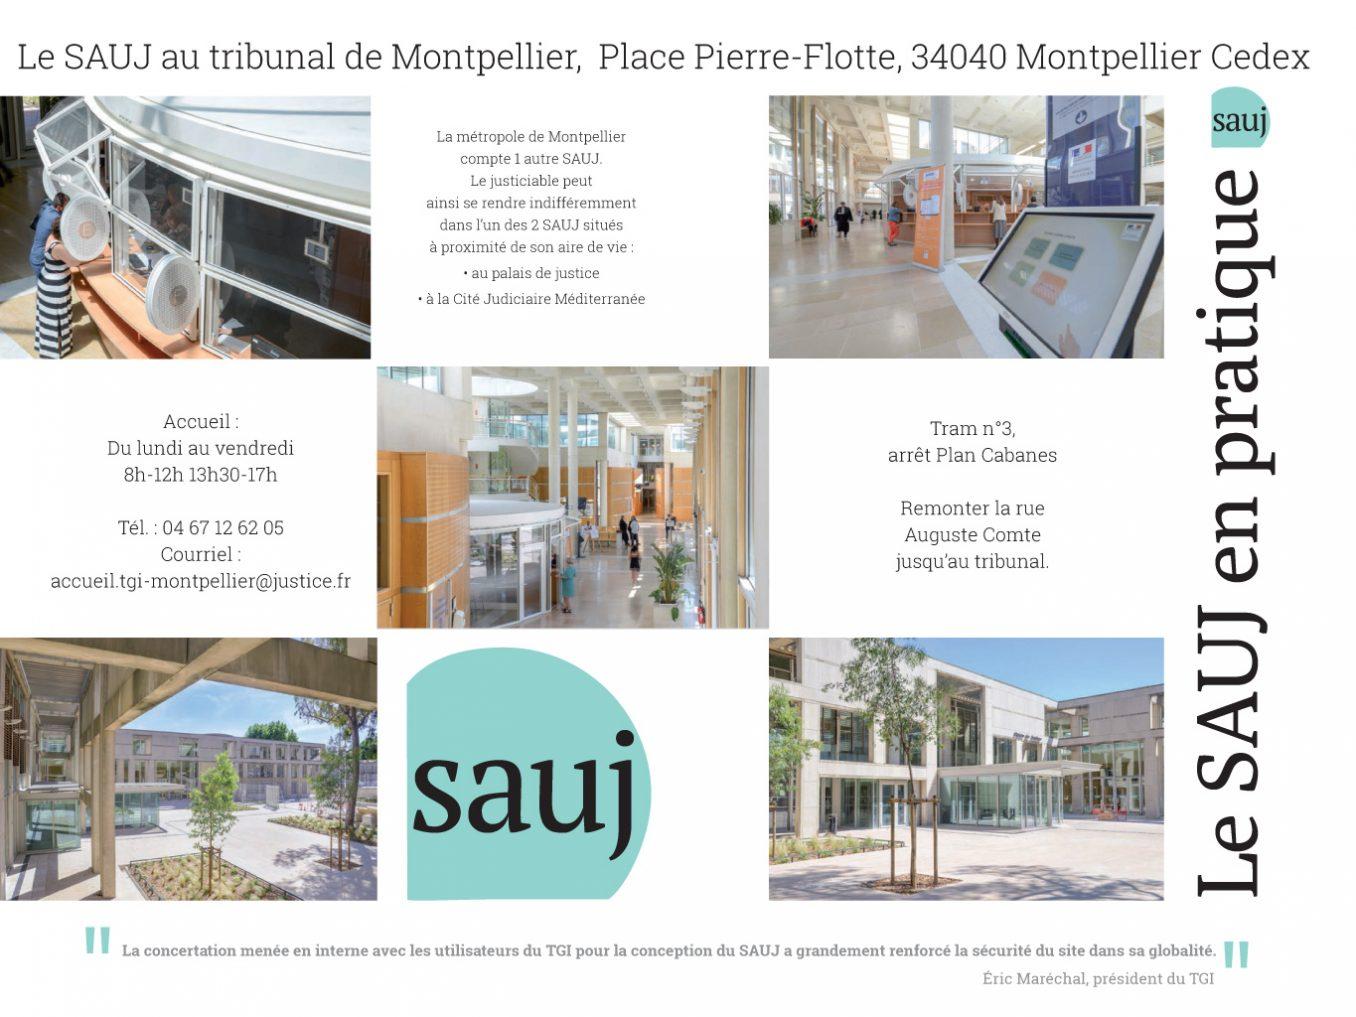 Traverses - plaquette SAUJ du tribunal Montpellier - infos pratiques